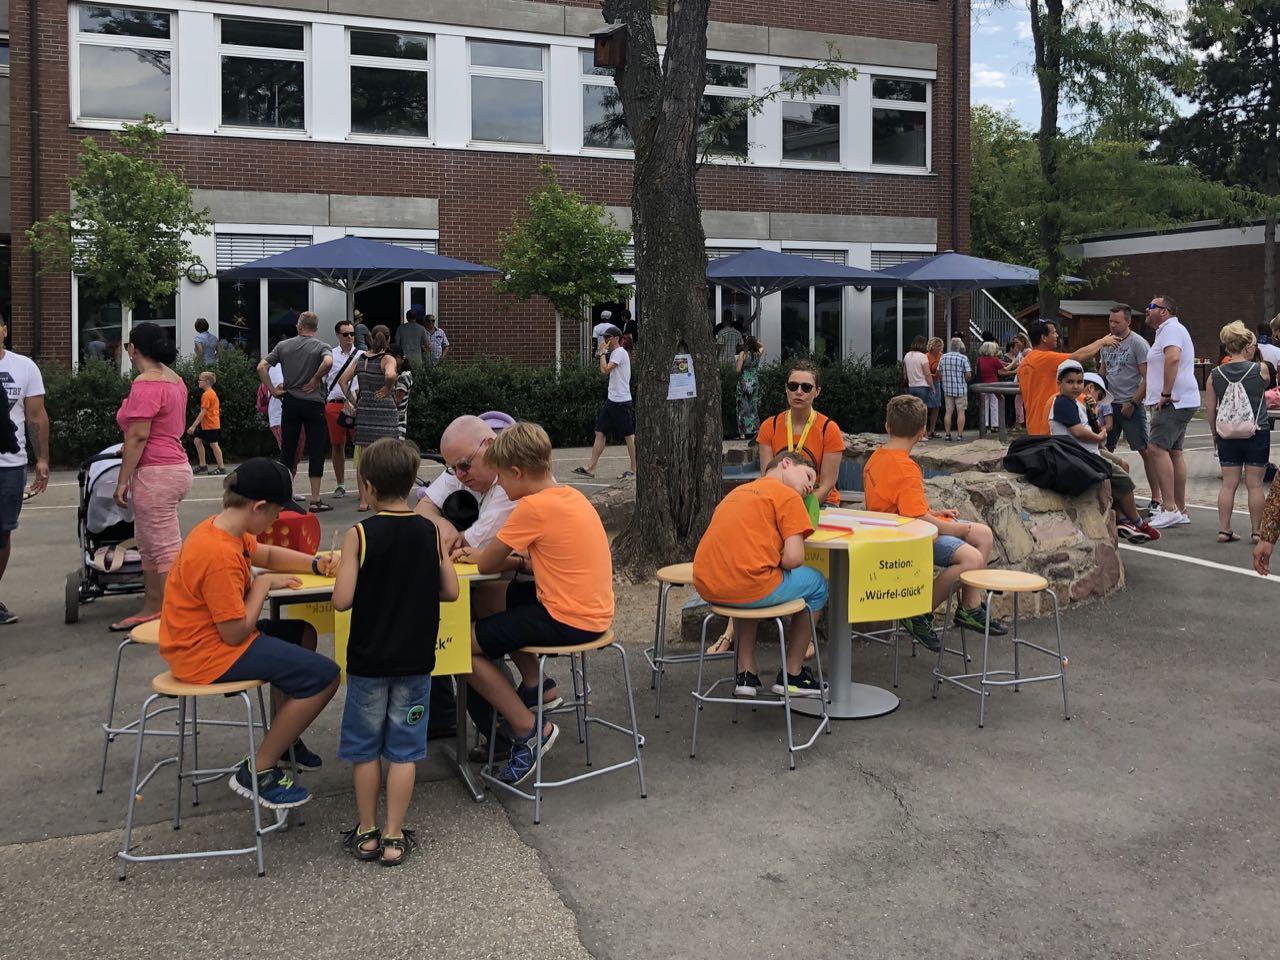 2019-07-06_Sommerfest_07.jpg